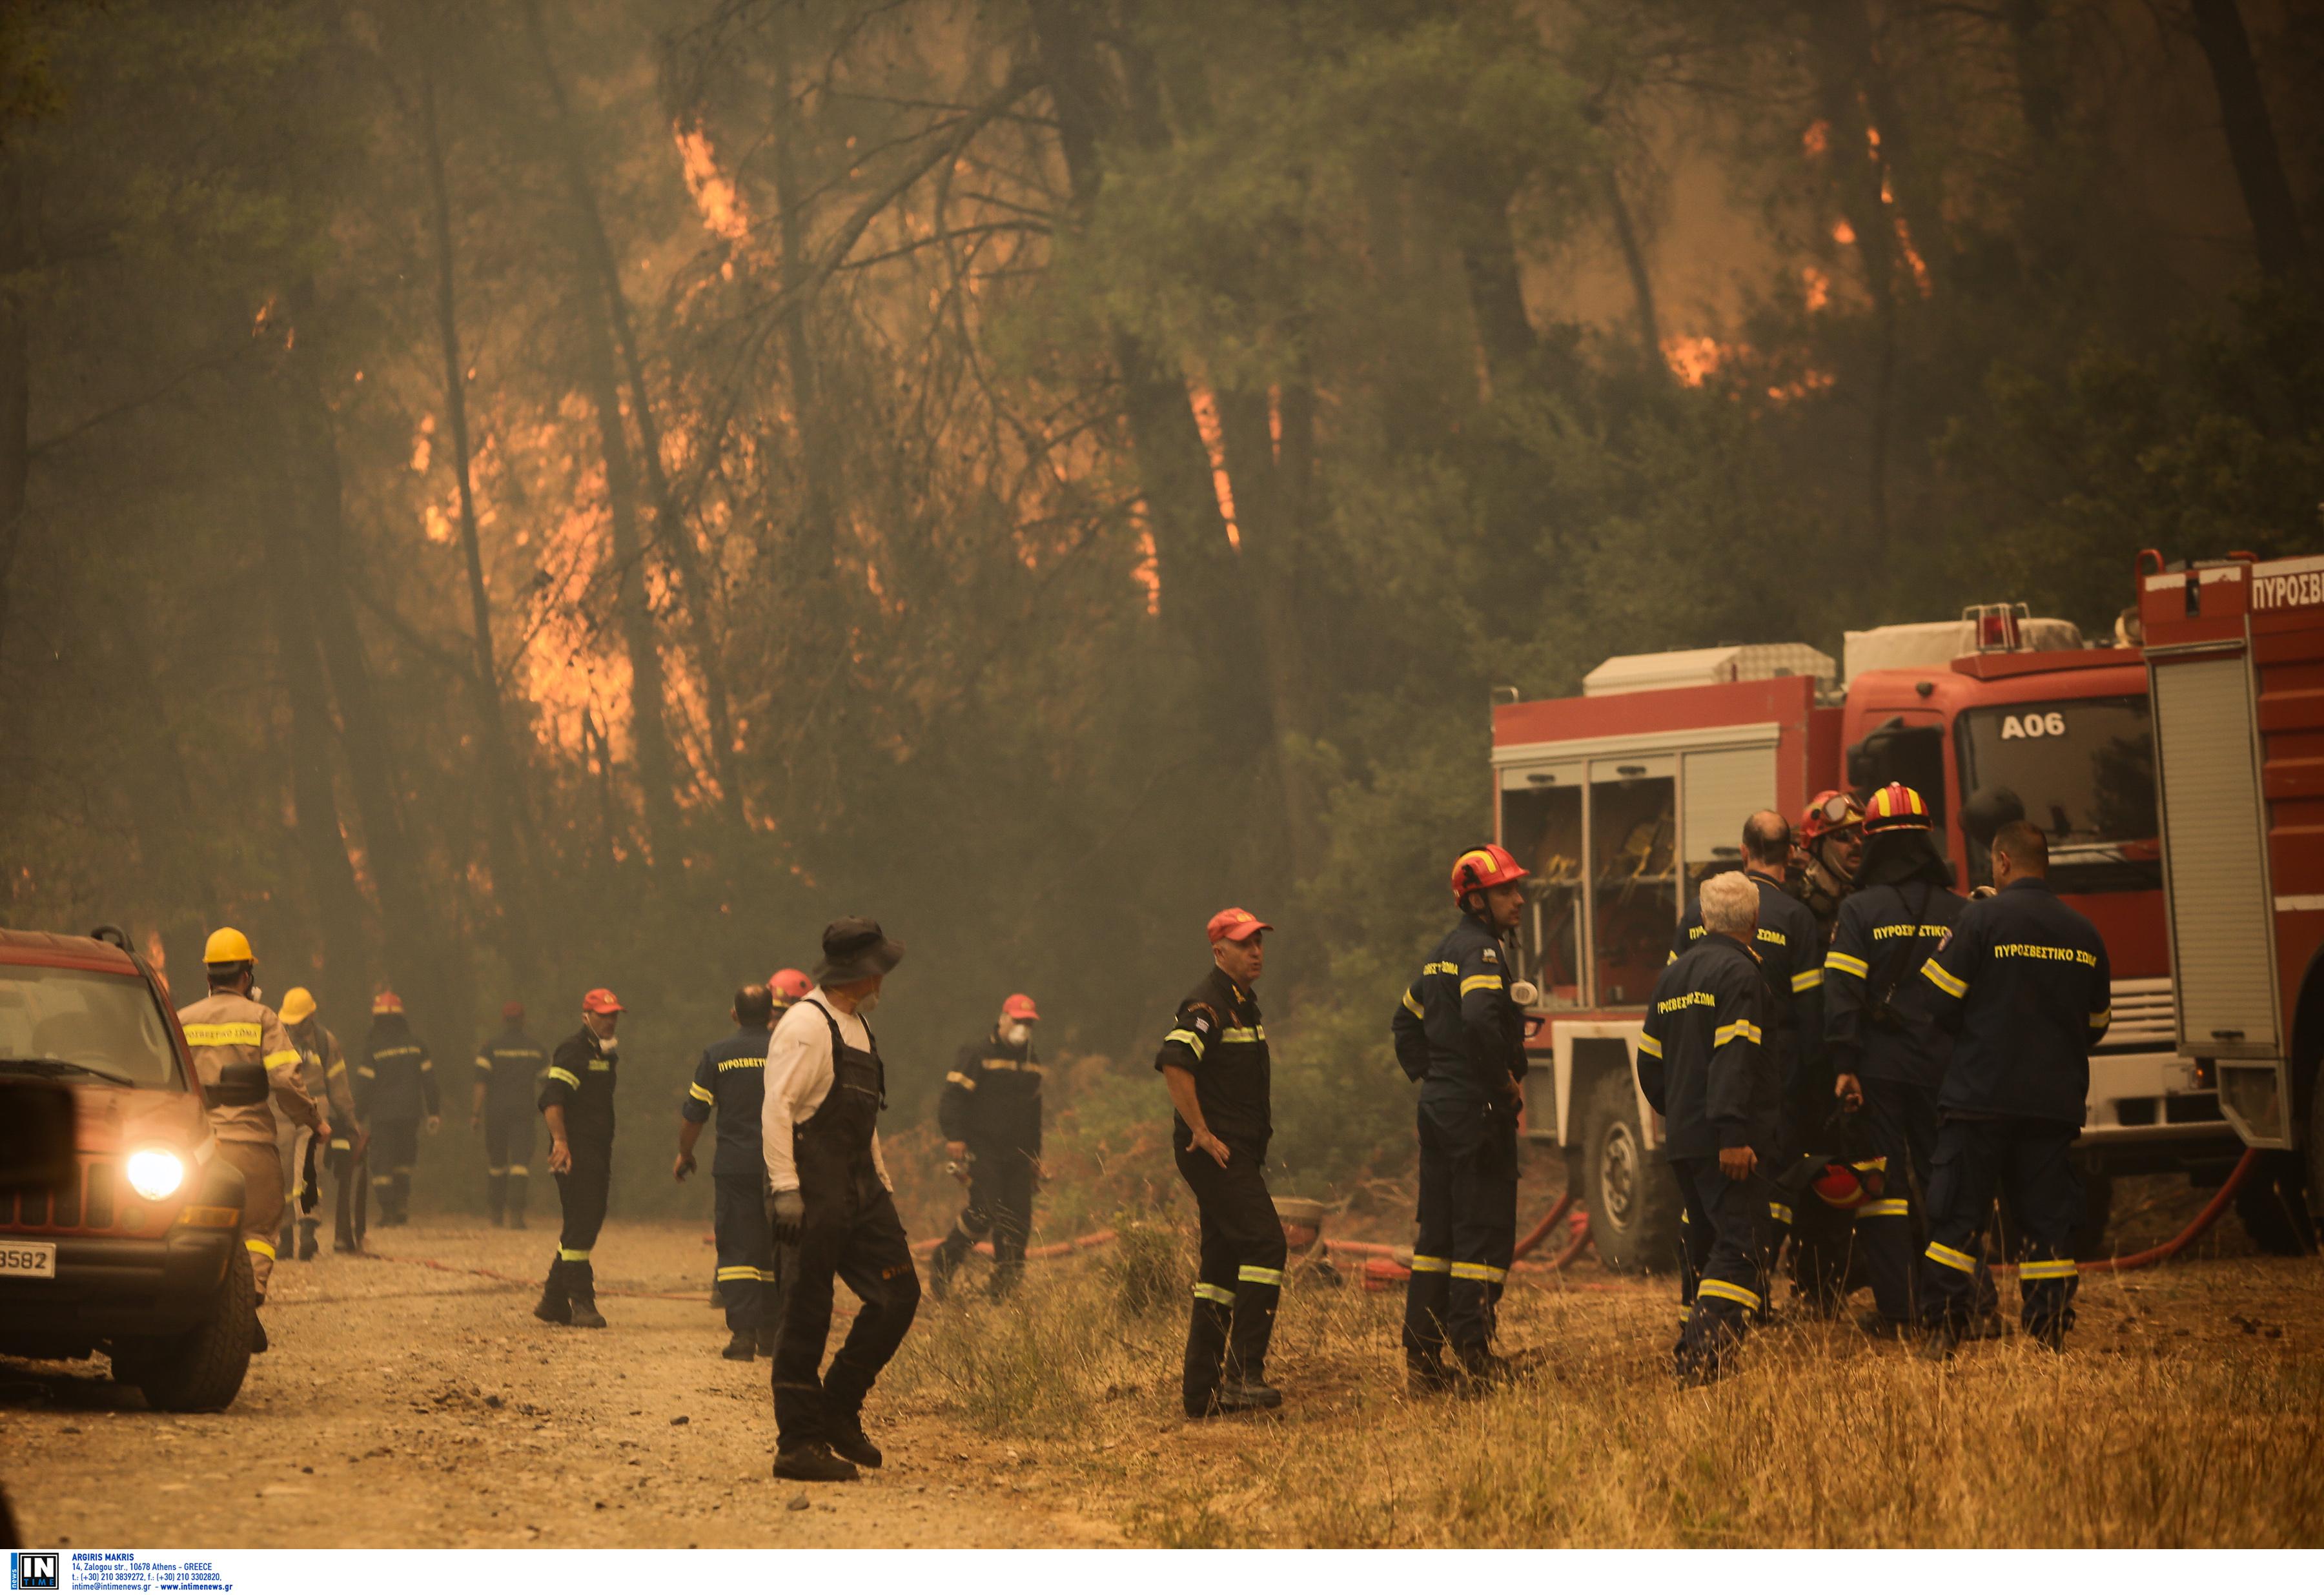 Μεγάλος ο κίνδυνος πυρκαγιάς αύριο –Σε ποιες περιοχές έχει σημάνει συναγερμός